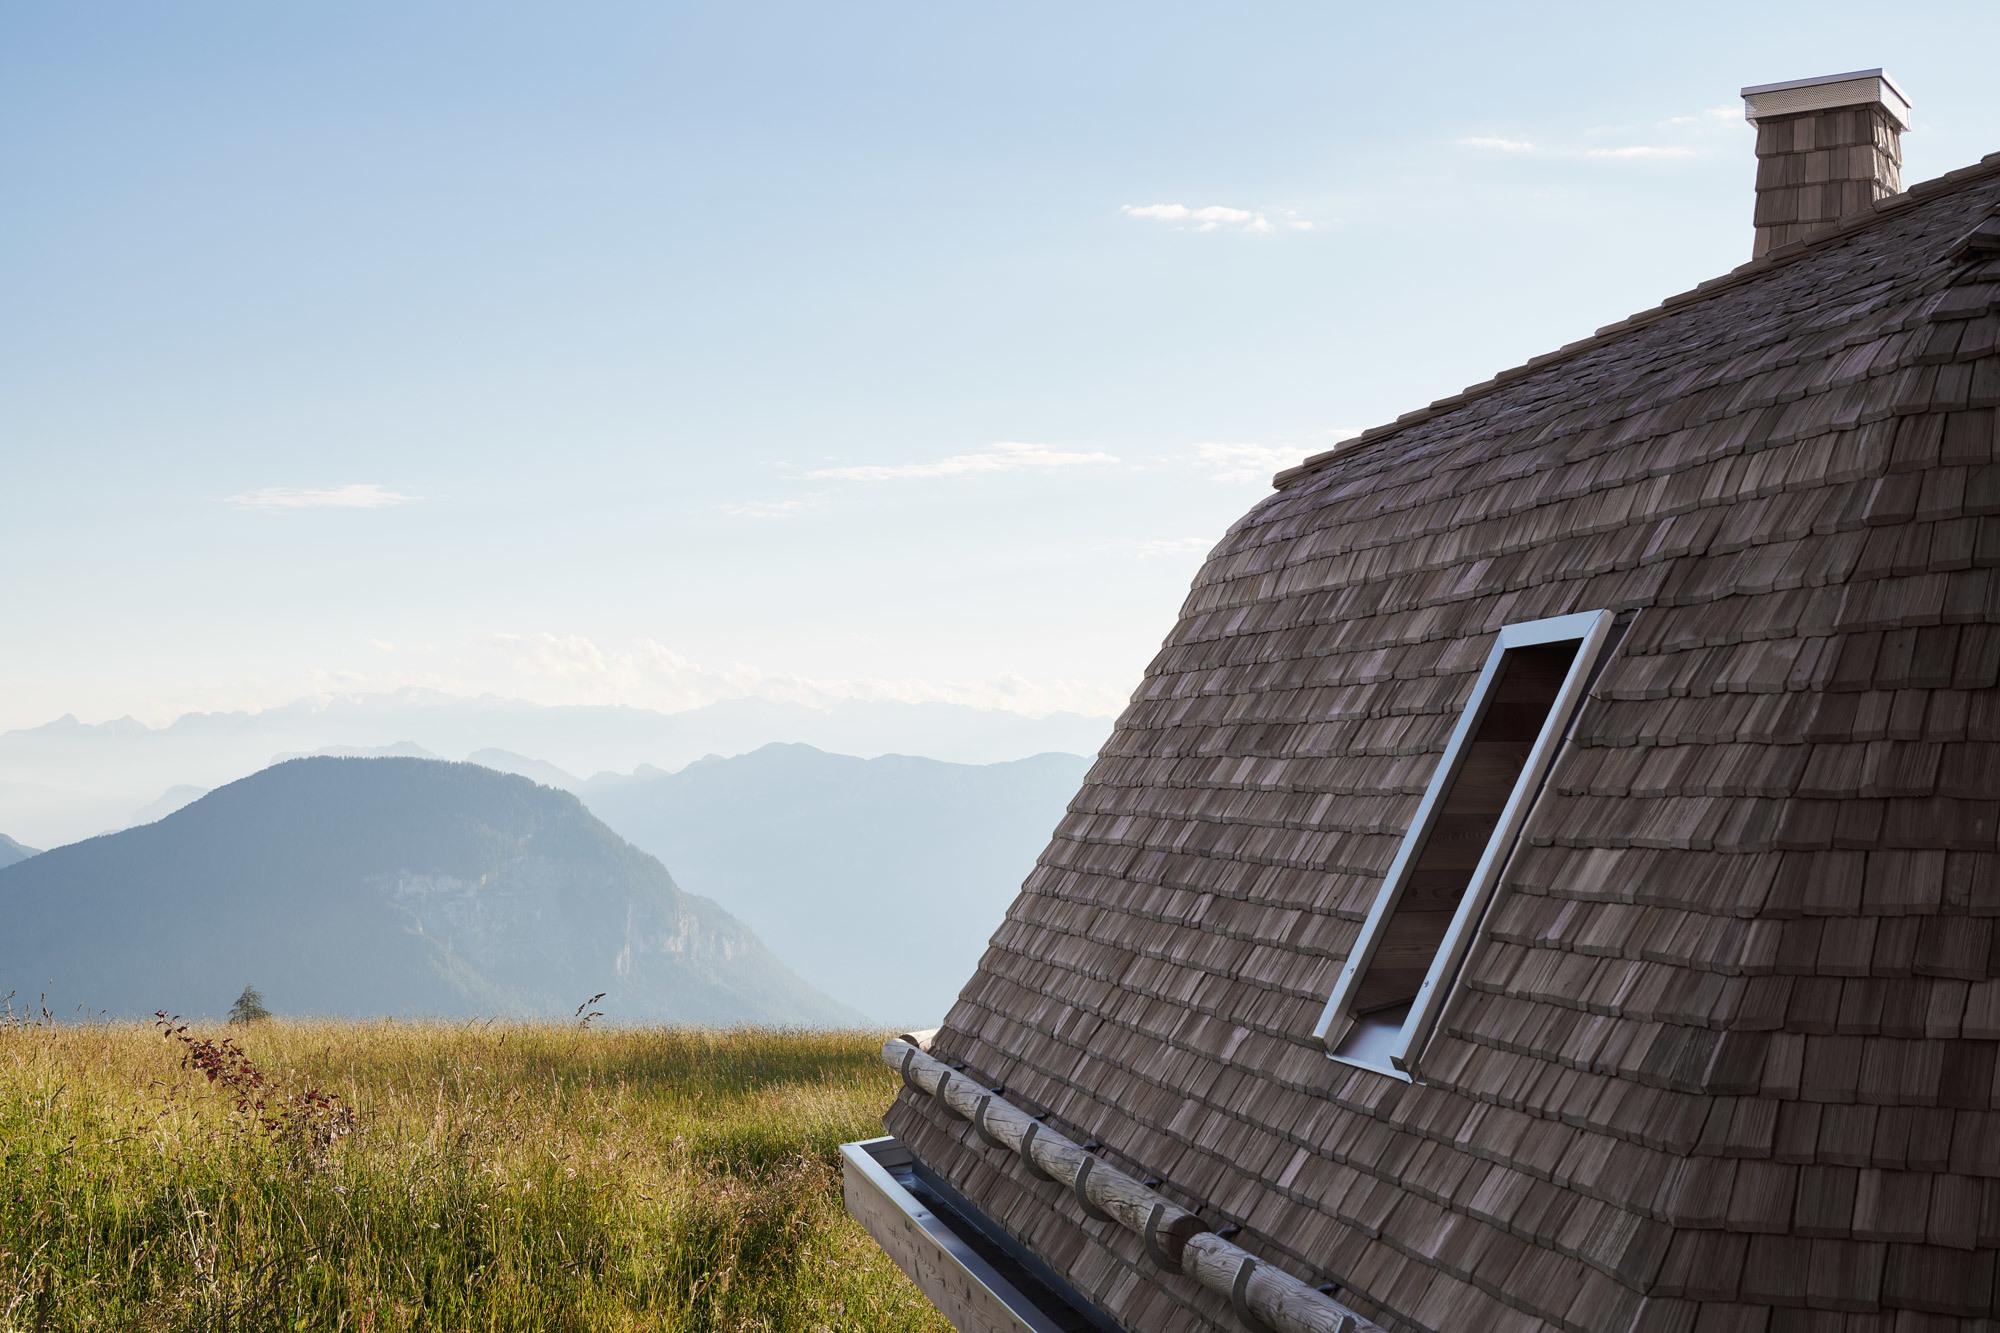 Jedes der Zimmer ist mit Terrassen und Balkonen ausgestattet. Der Blick geht über Wiesen bis in die Dolomiten. Foto: Max Rommel